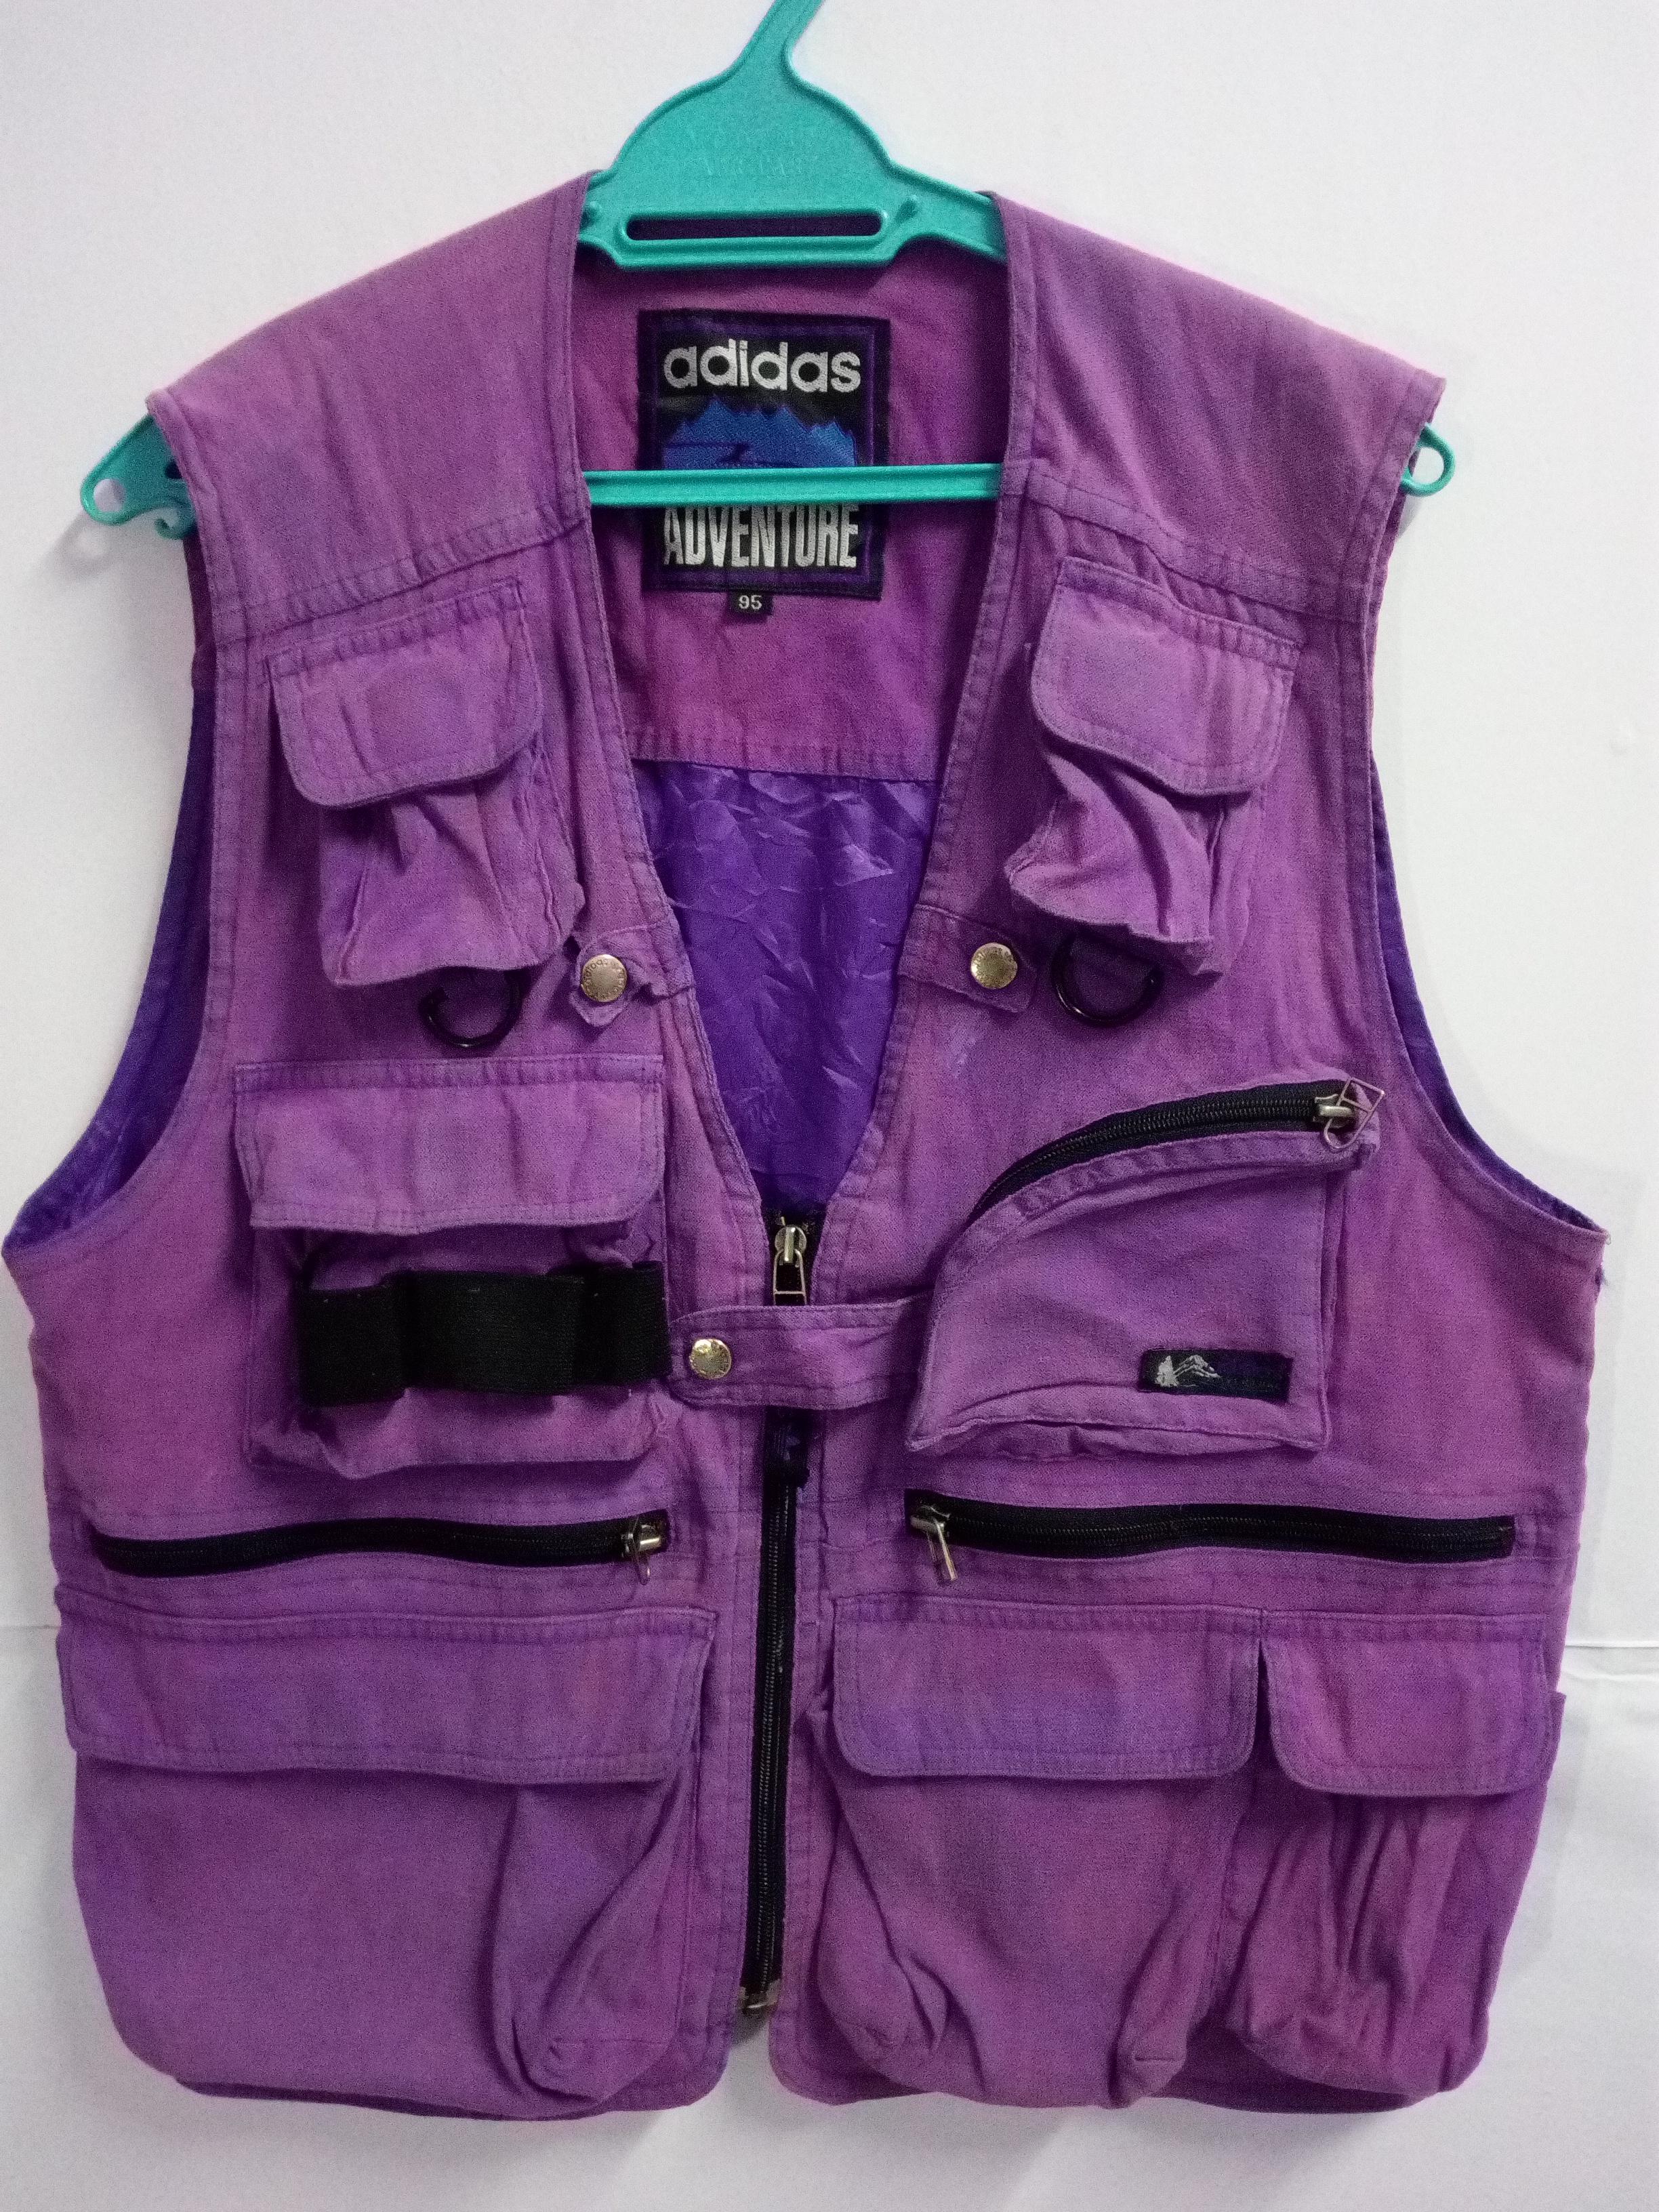 cocina espacio Karu  Adidas Need Gone!! Vintage Vest Adidas Adventure Trefoil | Grailed